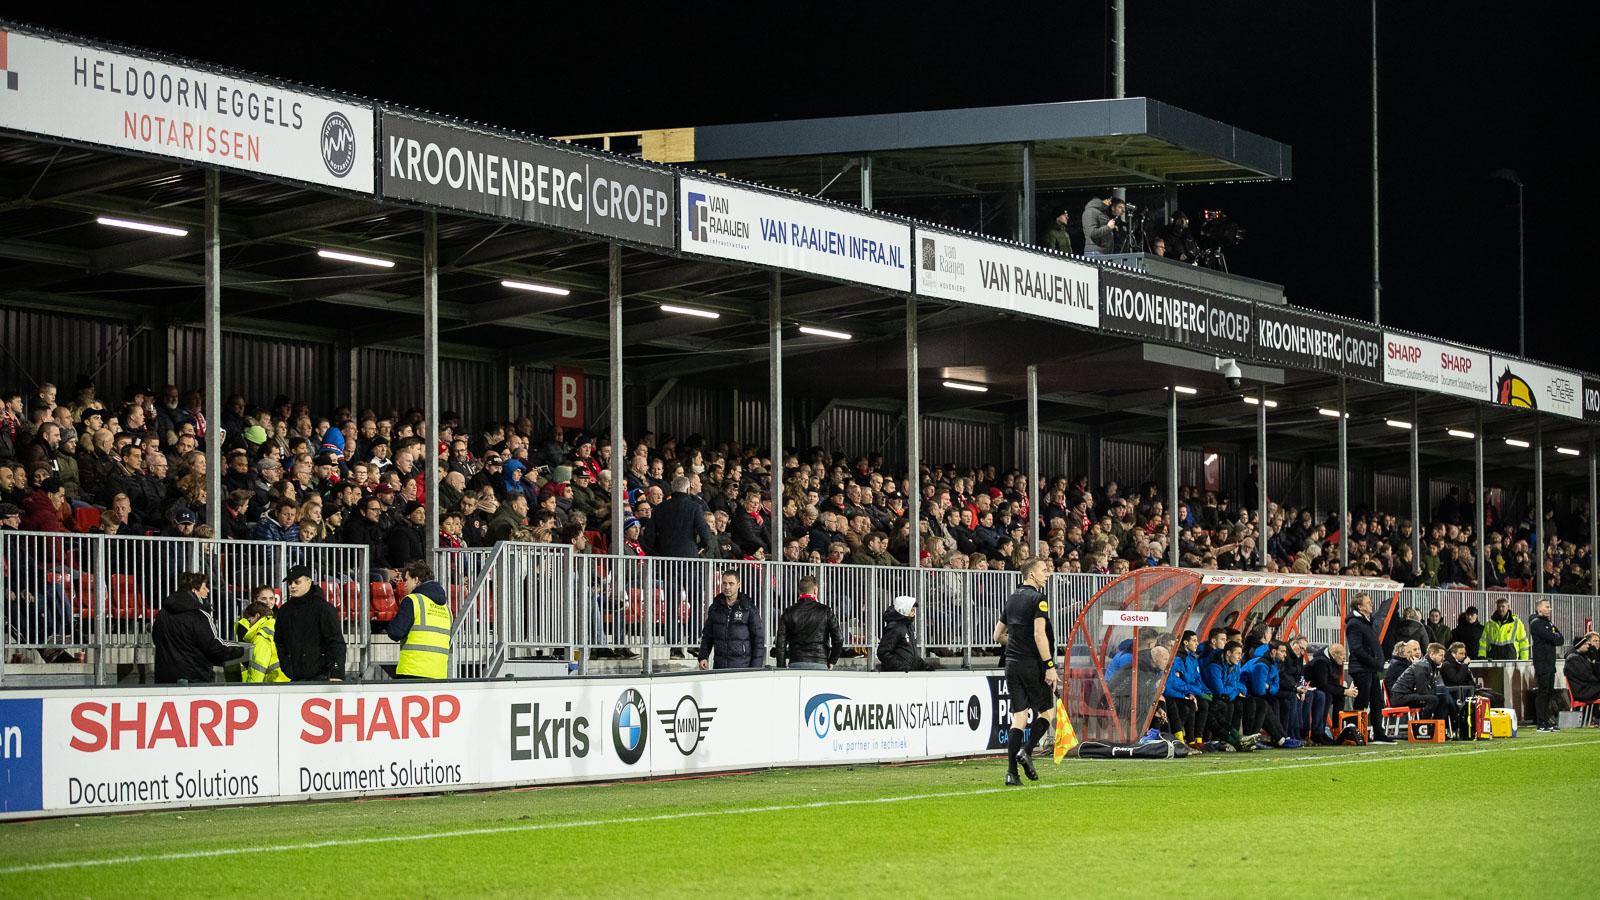 Definitief schema Almere City FC 2021-2022 bekend